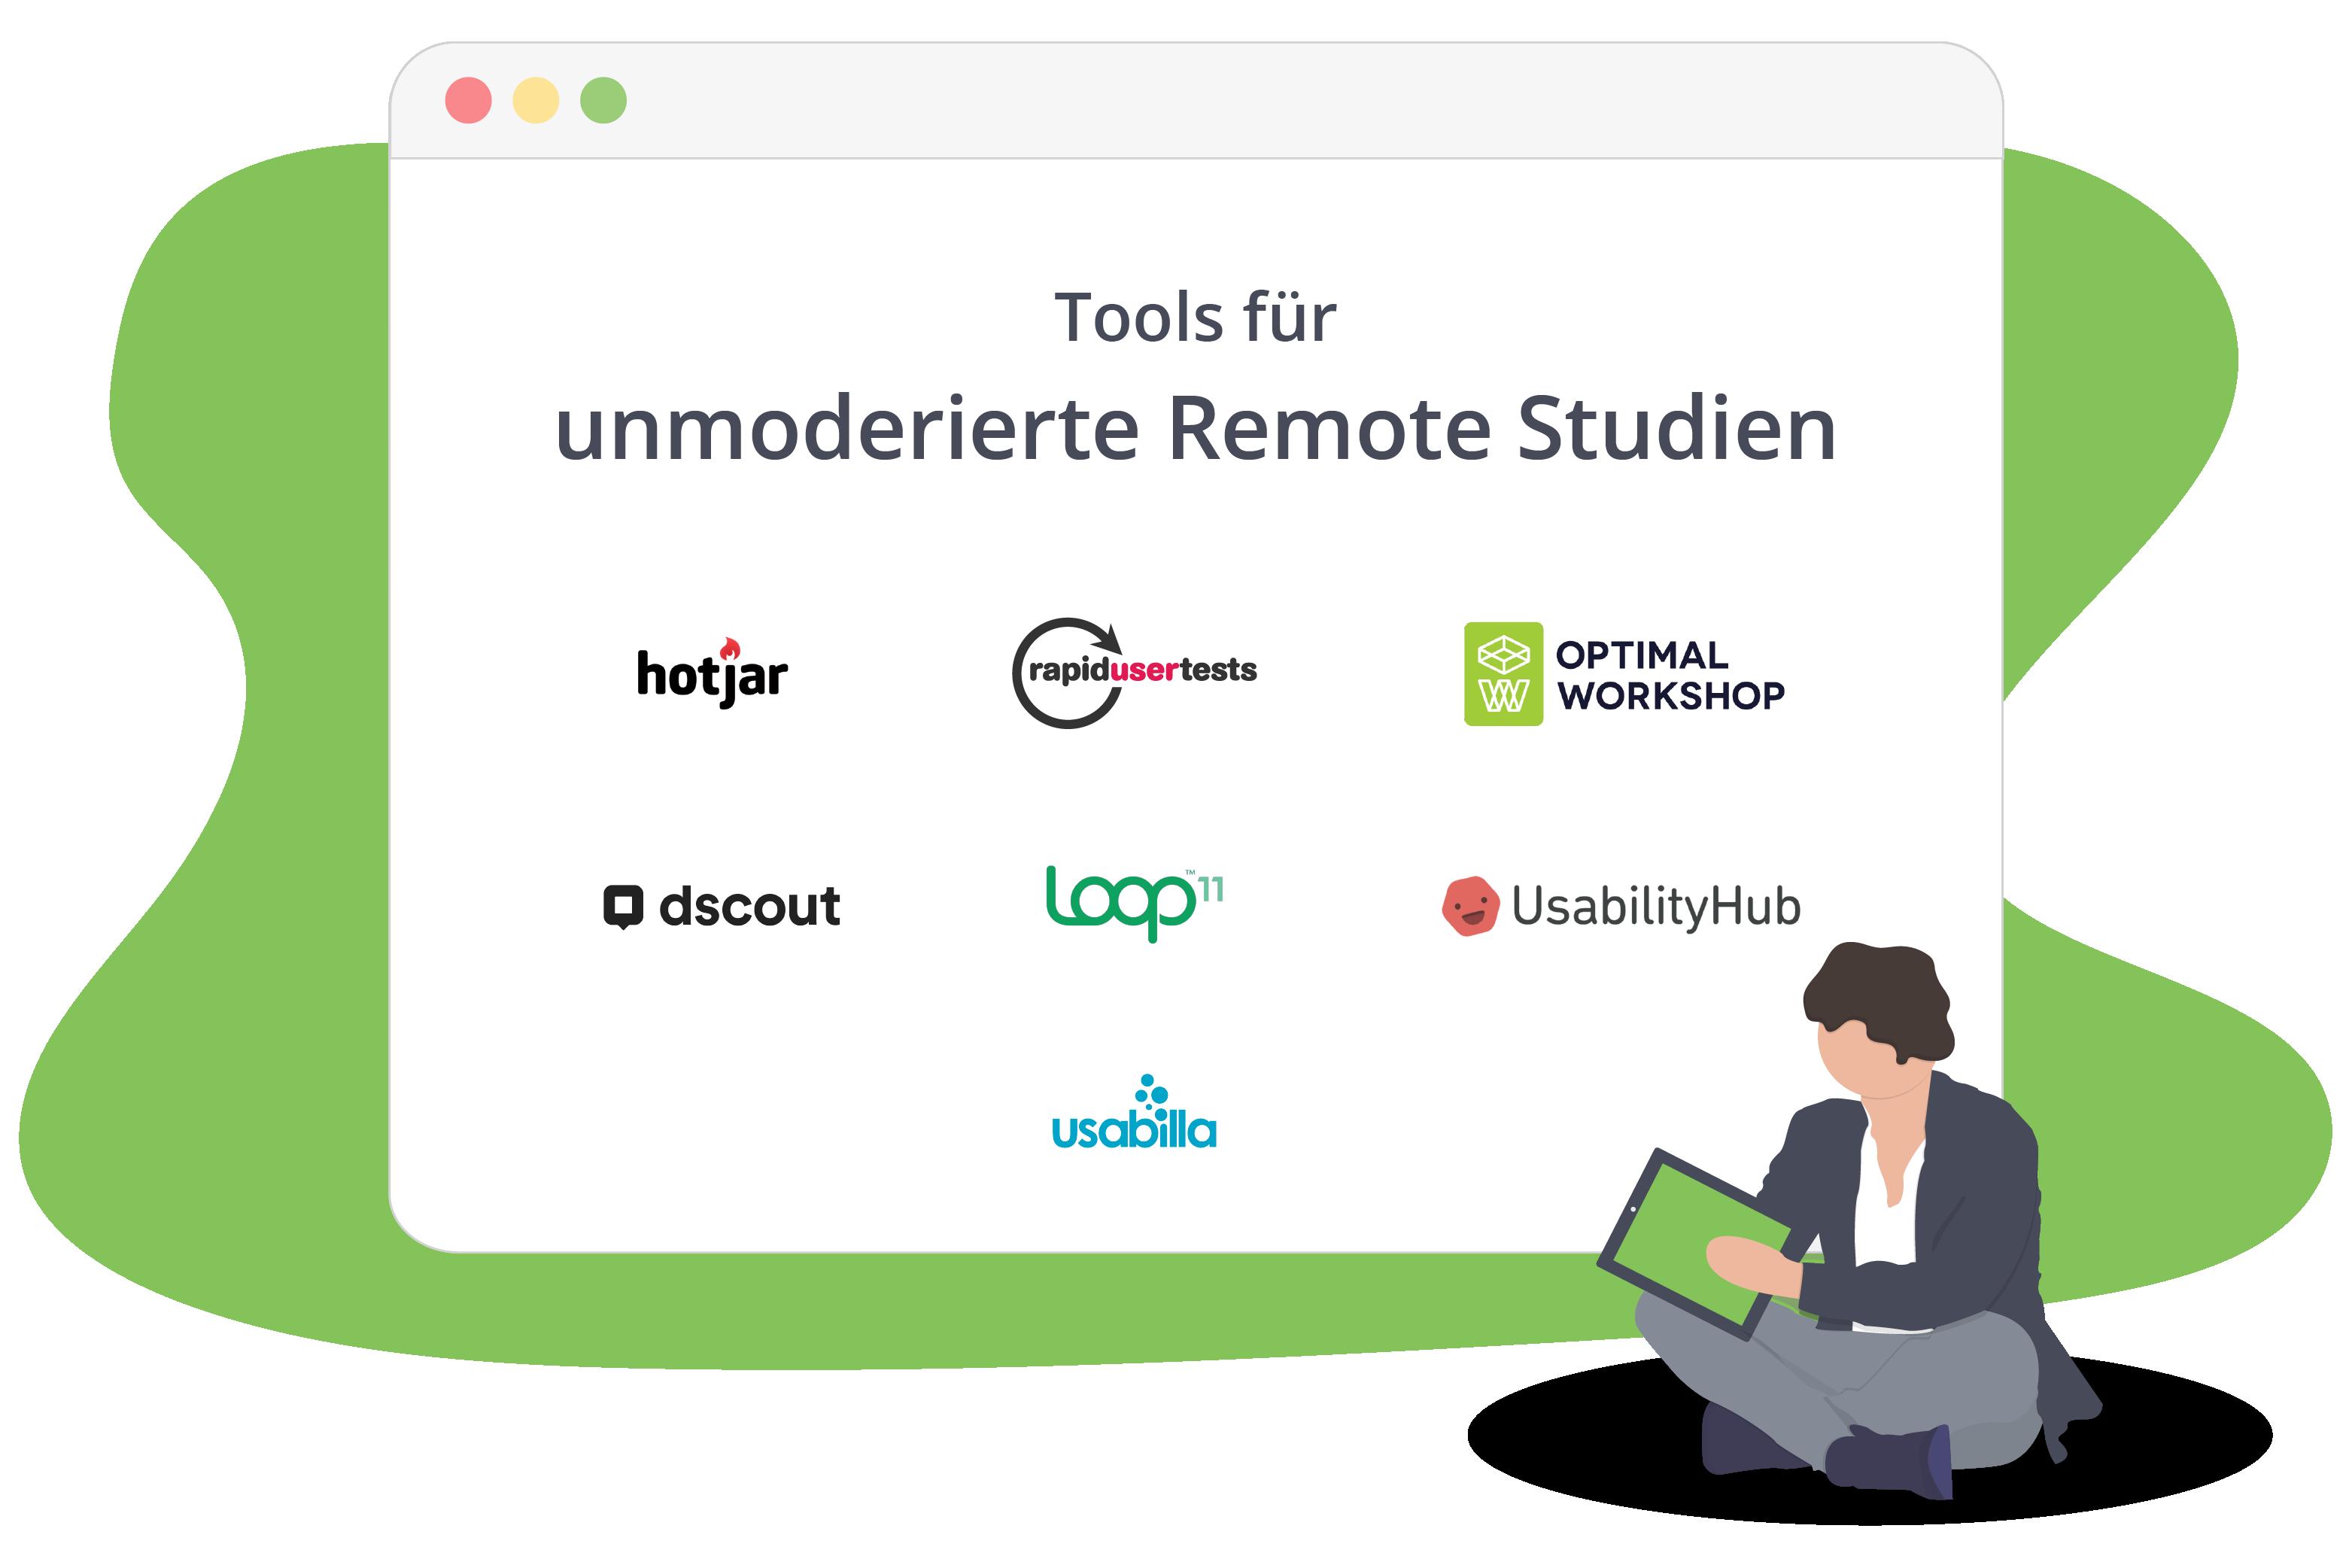 Tools für unmoderierte Remote Studien